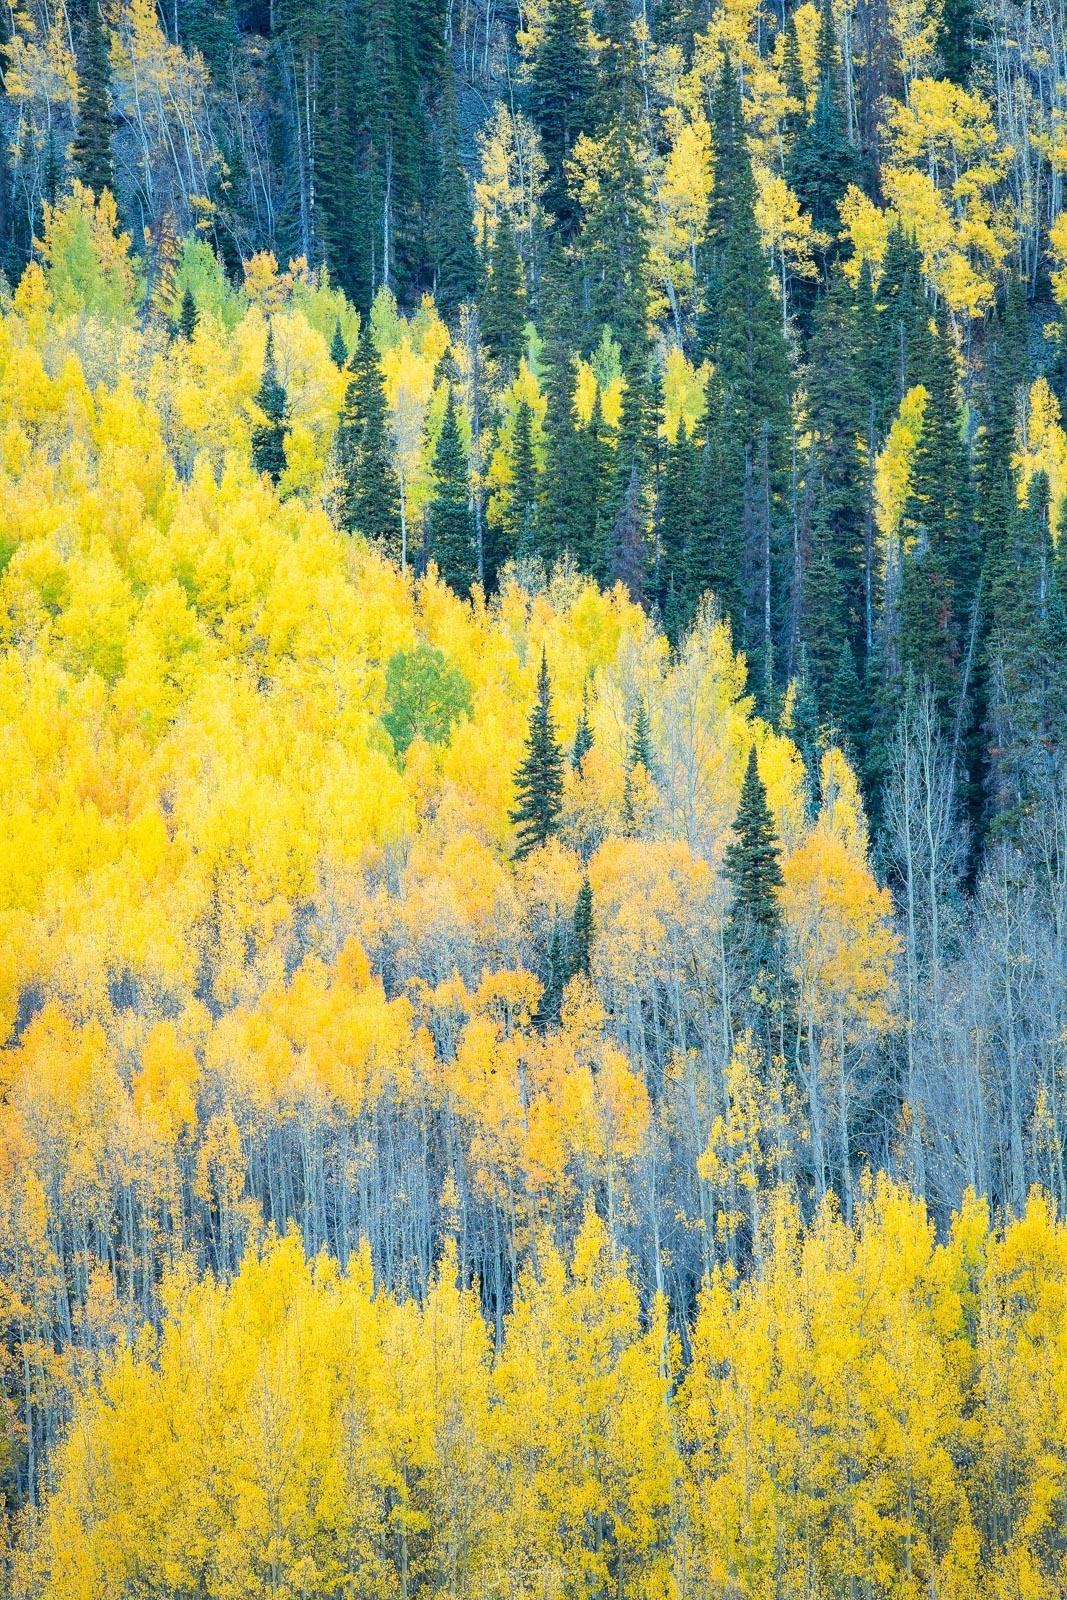 Autumn aspens along the Million Dollar Highway.